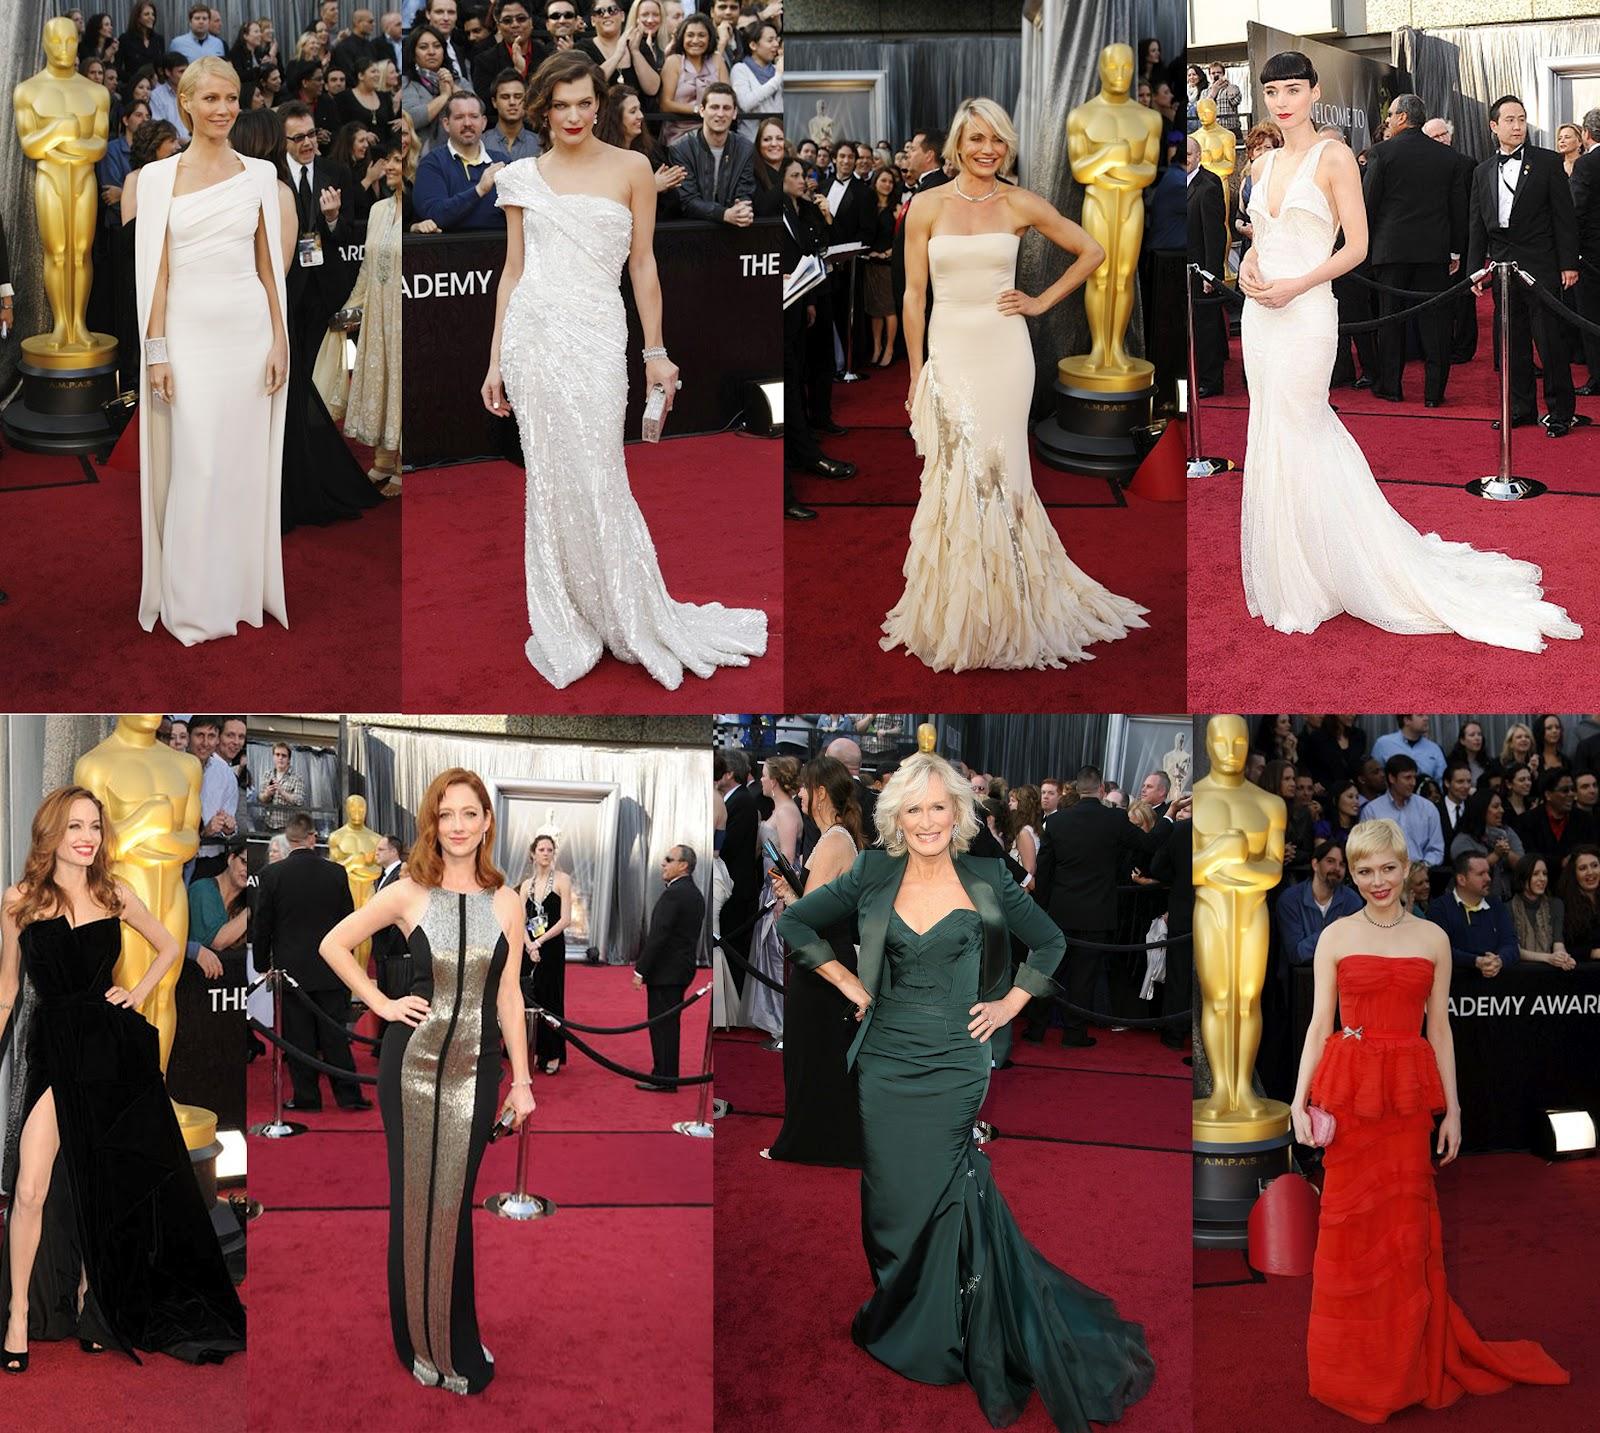 http://3.bp.blogspot.com/-kqo96U7mNnk/T0uZSRK5O6I/AAAAAAAAASU/fzcdXpr8idc/s1600/84th+Oscar+Academy+Awards.jpg